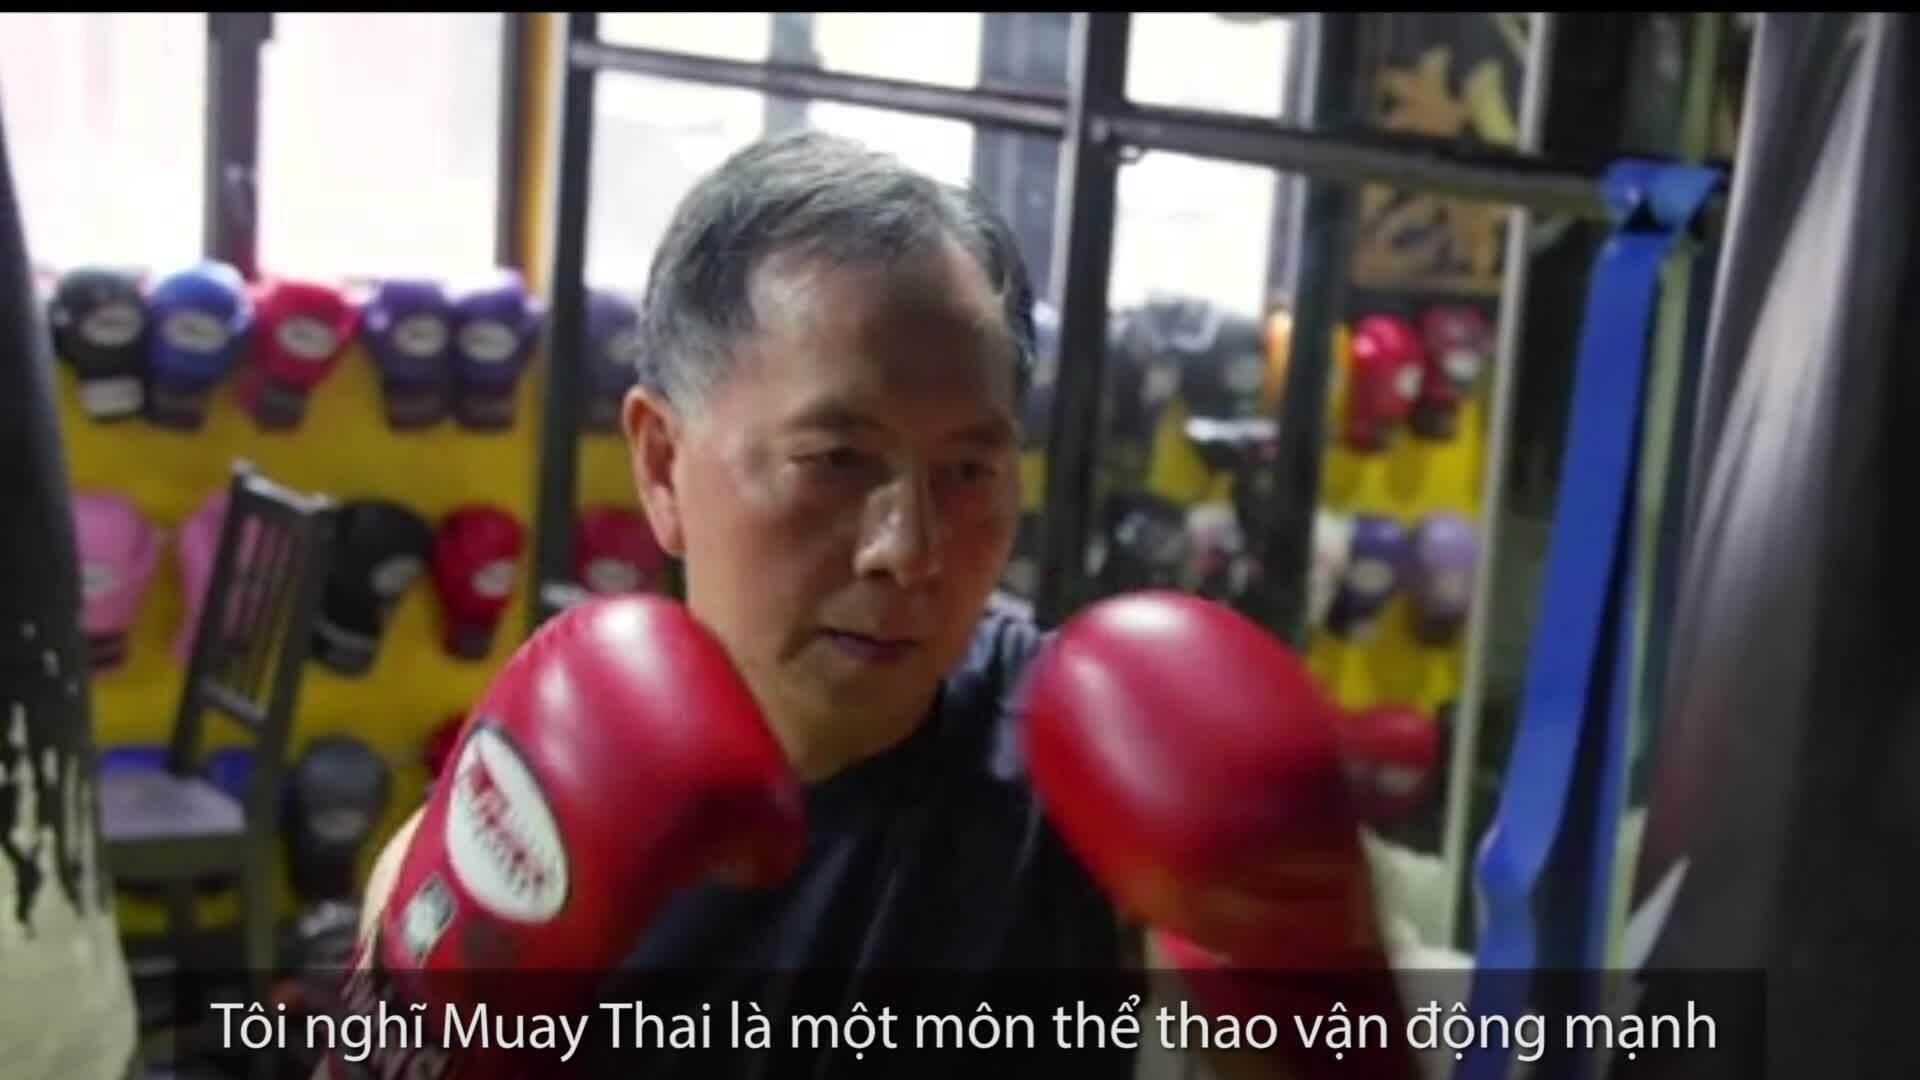 Lớp học Muay Thái giúp bệnh nhân Parkinson hồi phục